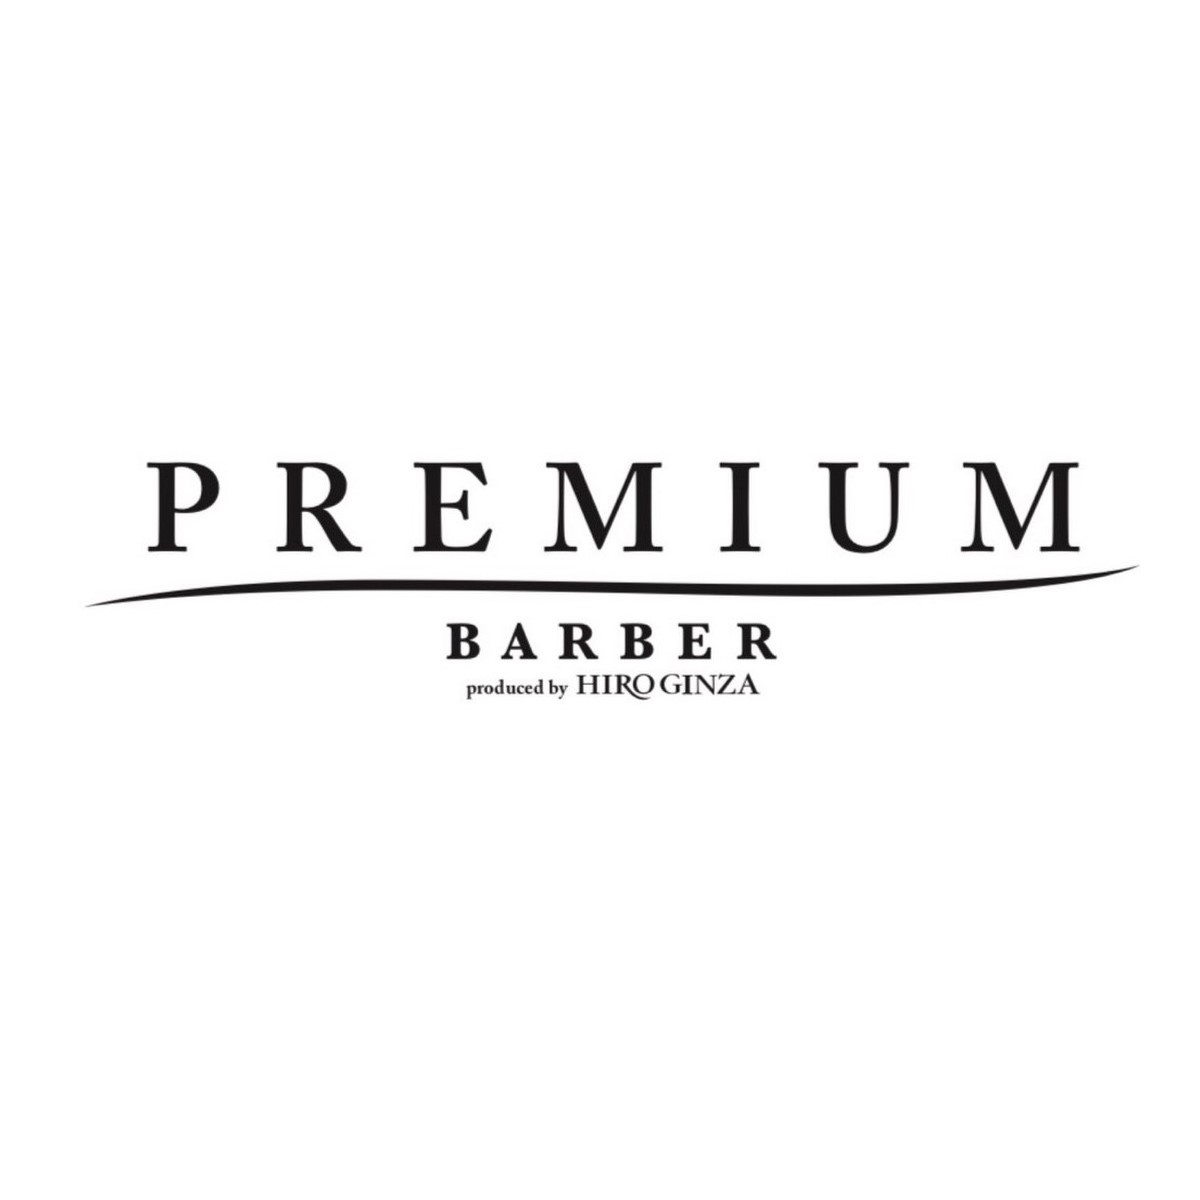 Premiumのロゴ